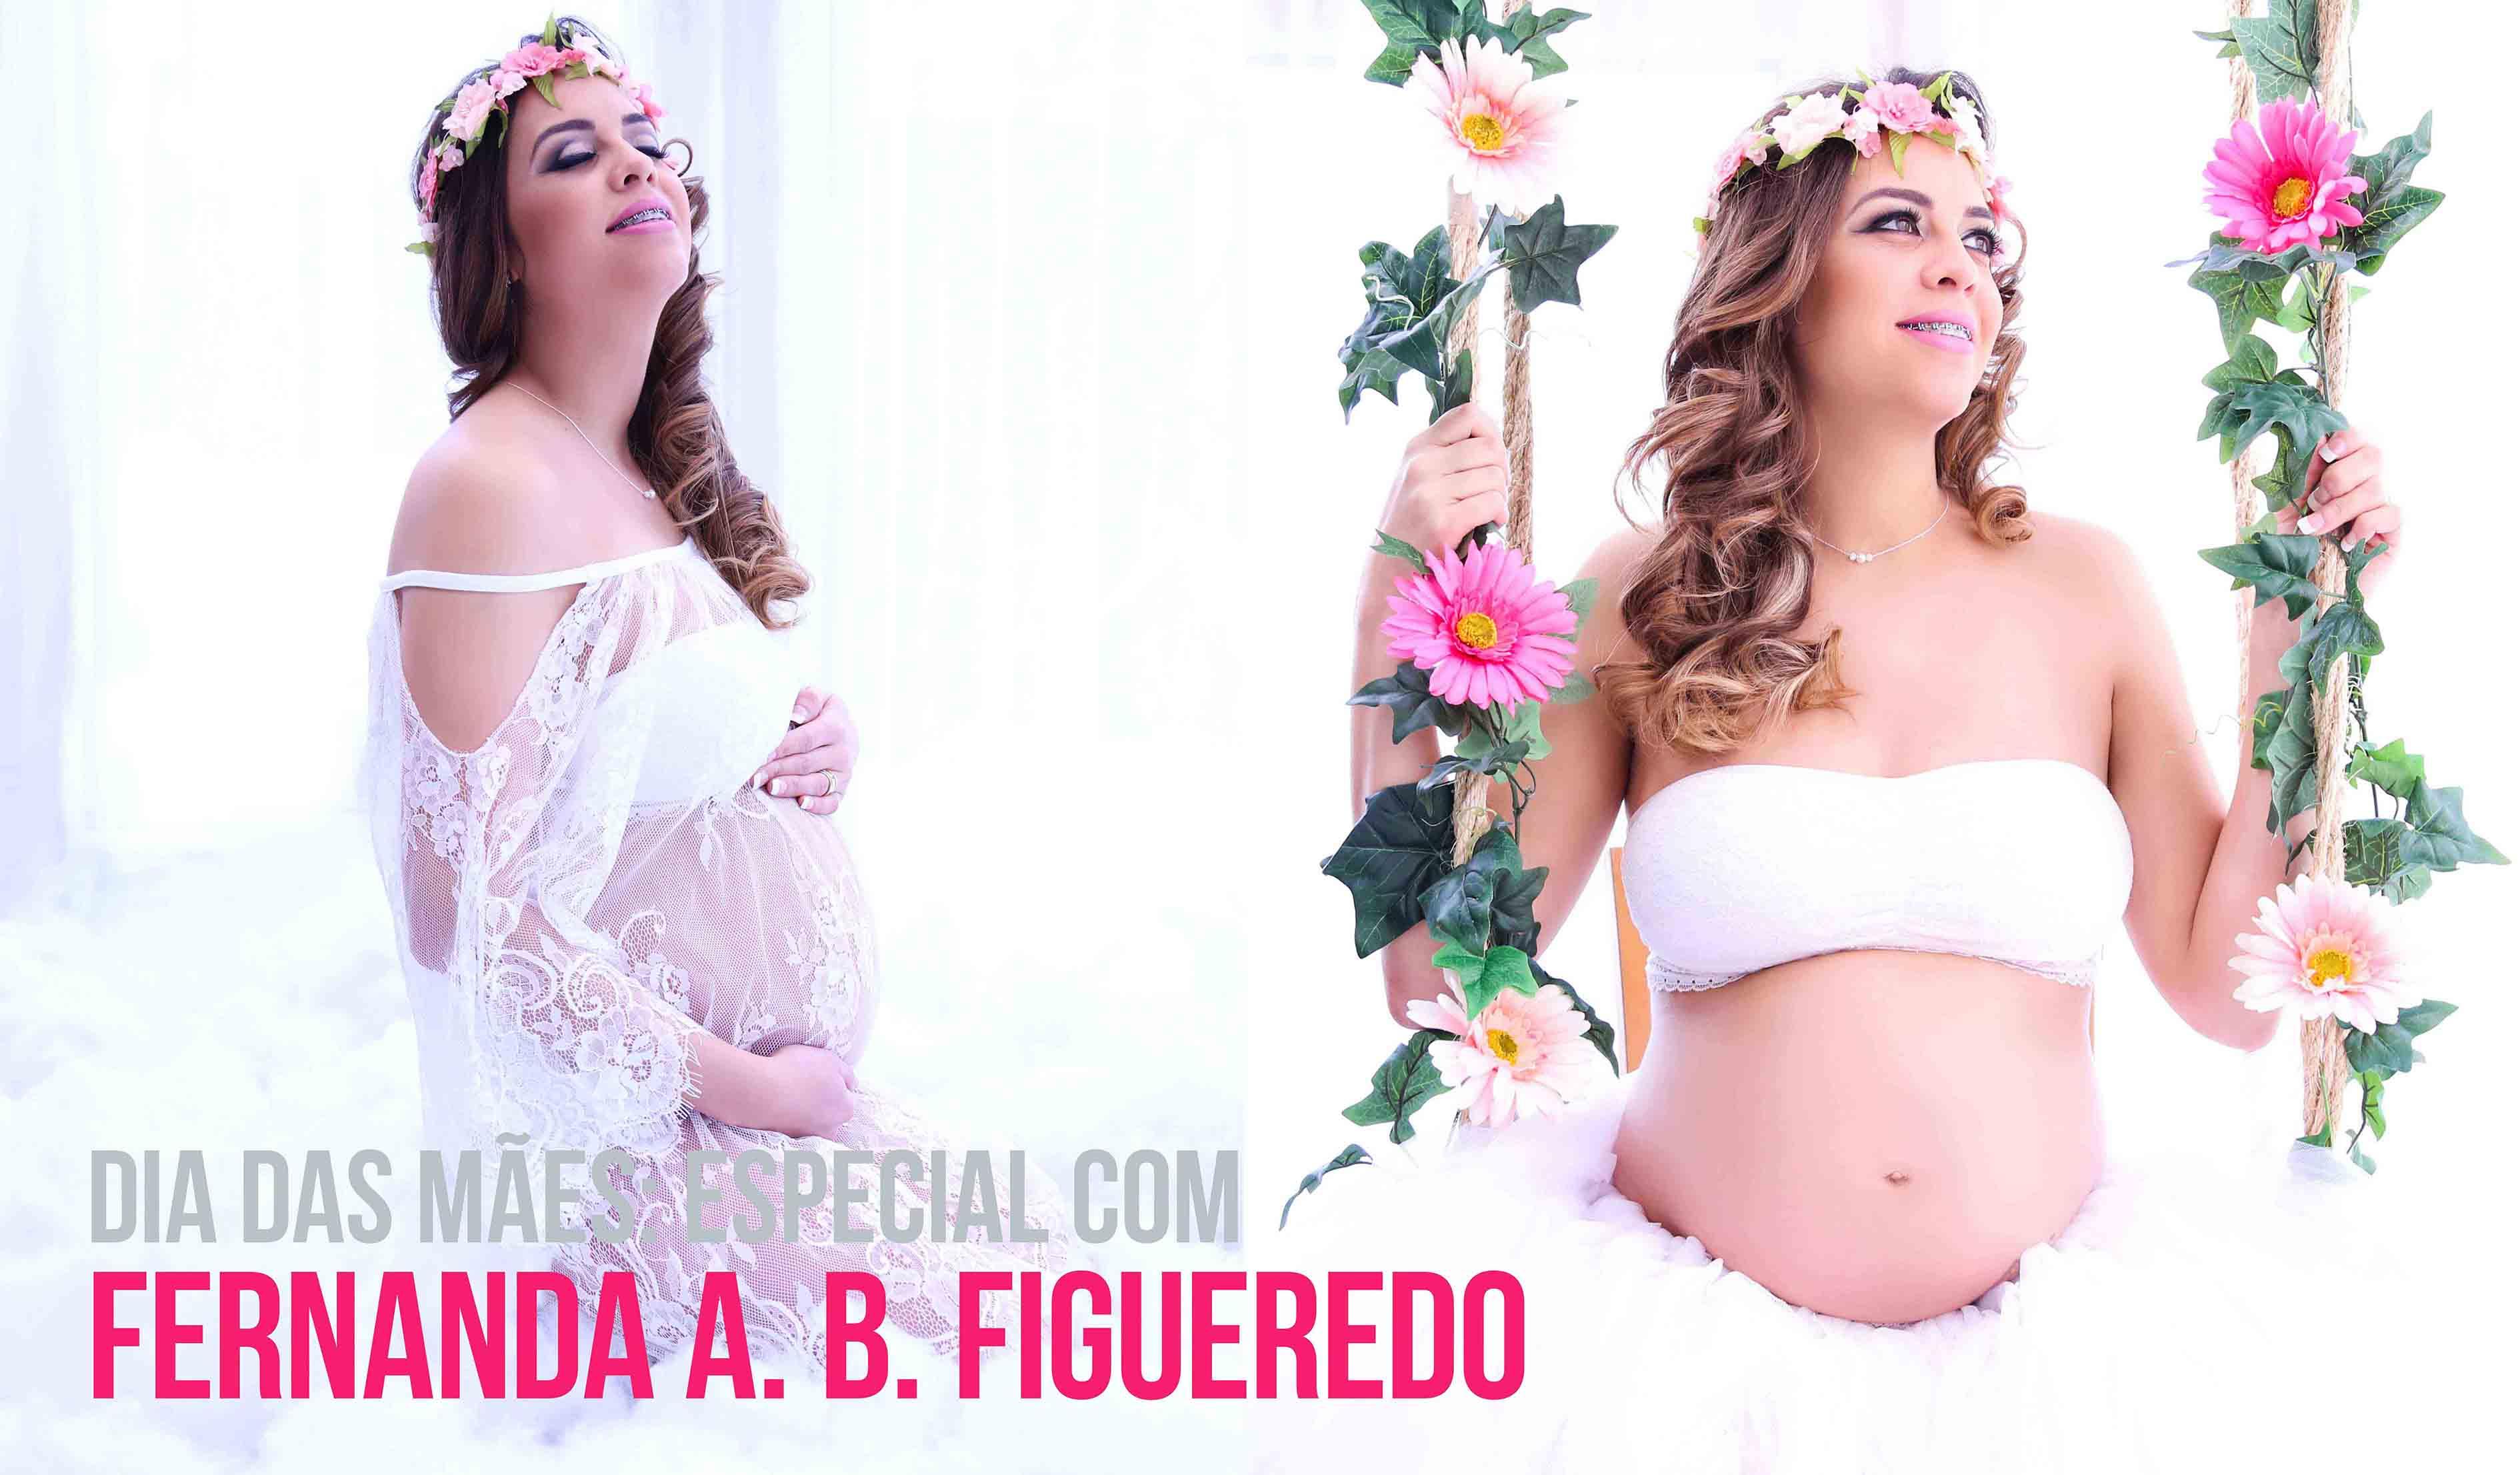 Dia das Mães: especial com Fernanda A. B. Figueredo